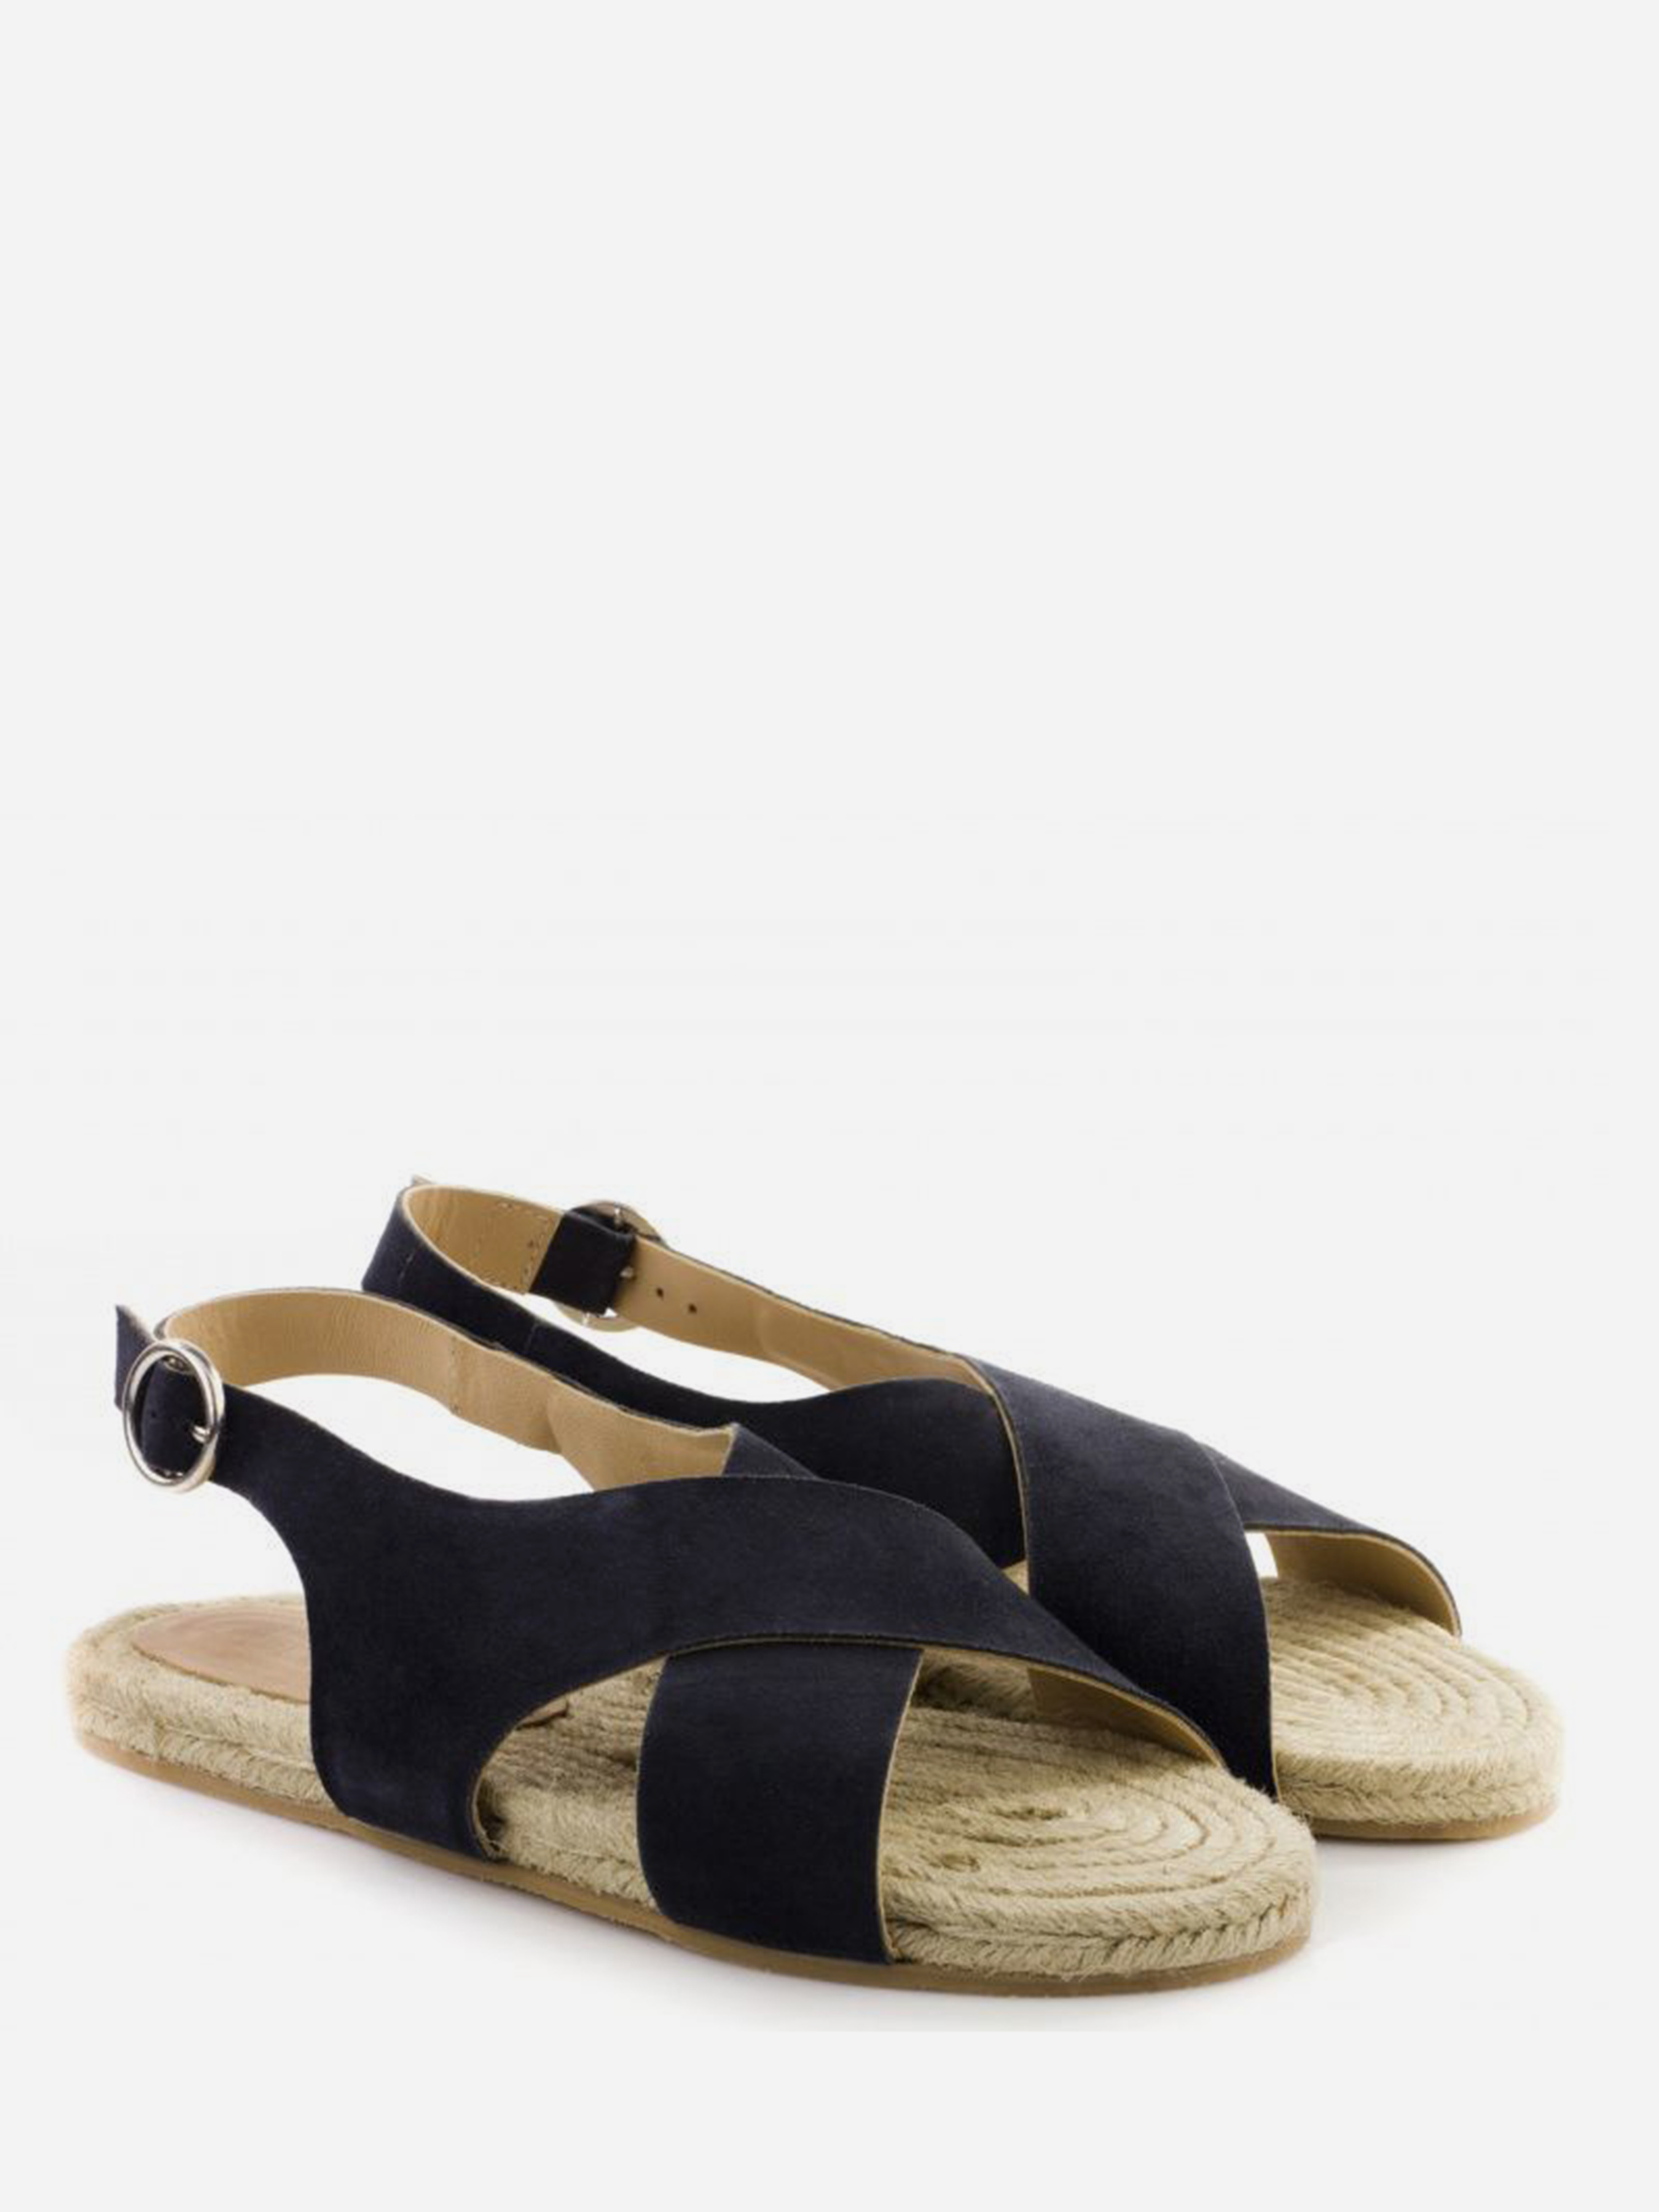 Сандалии для женщин Braska 511-2228/209 купить обувь, 2017